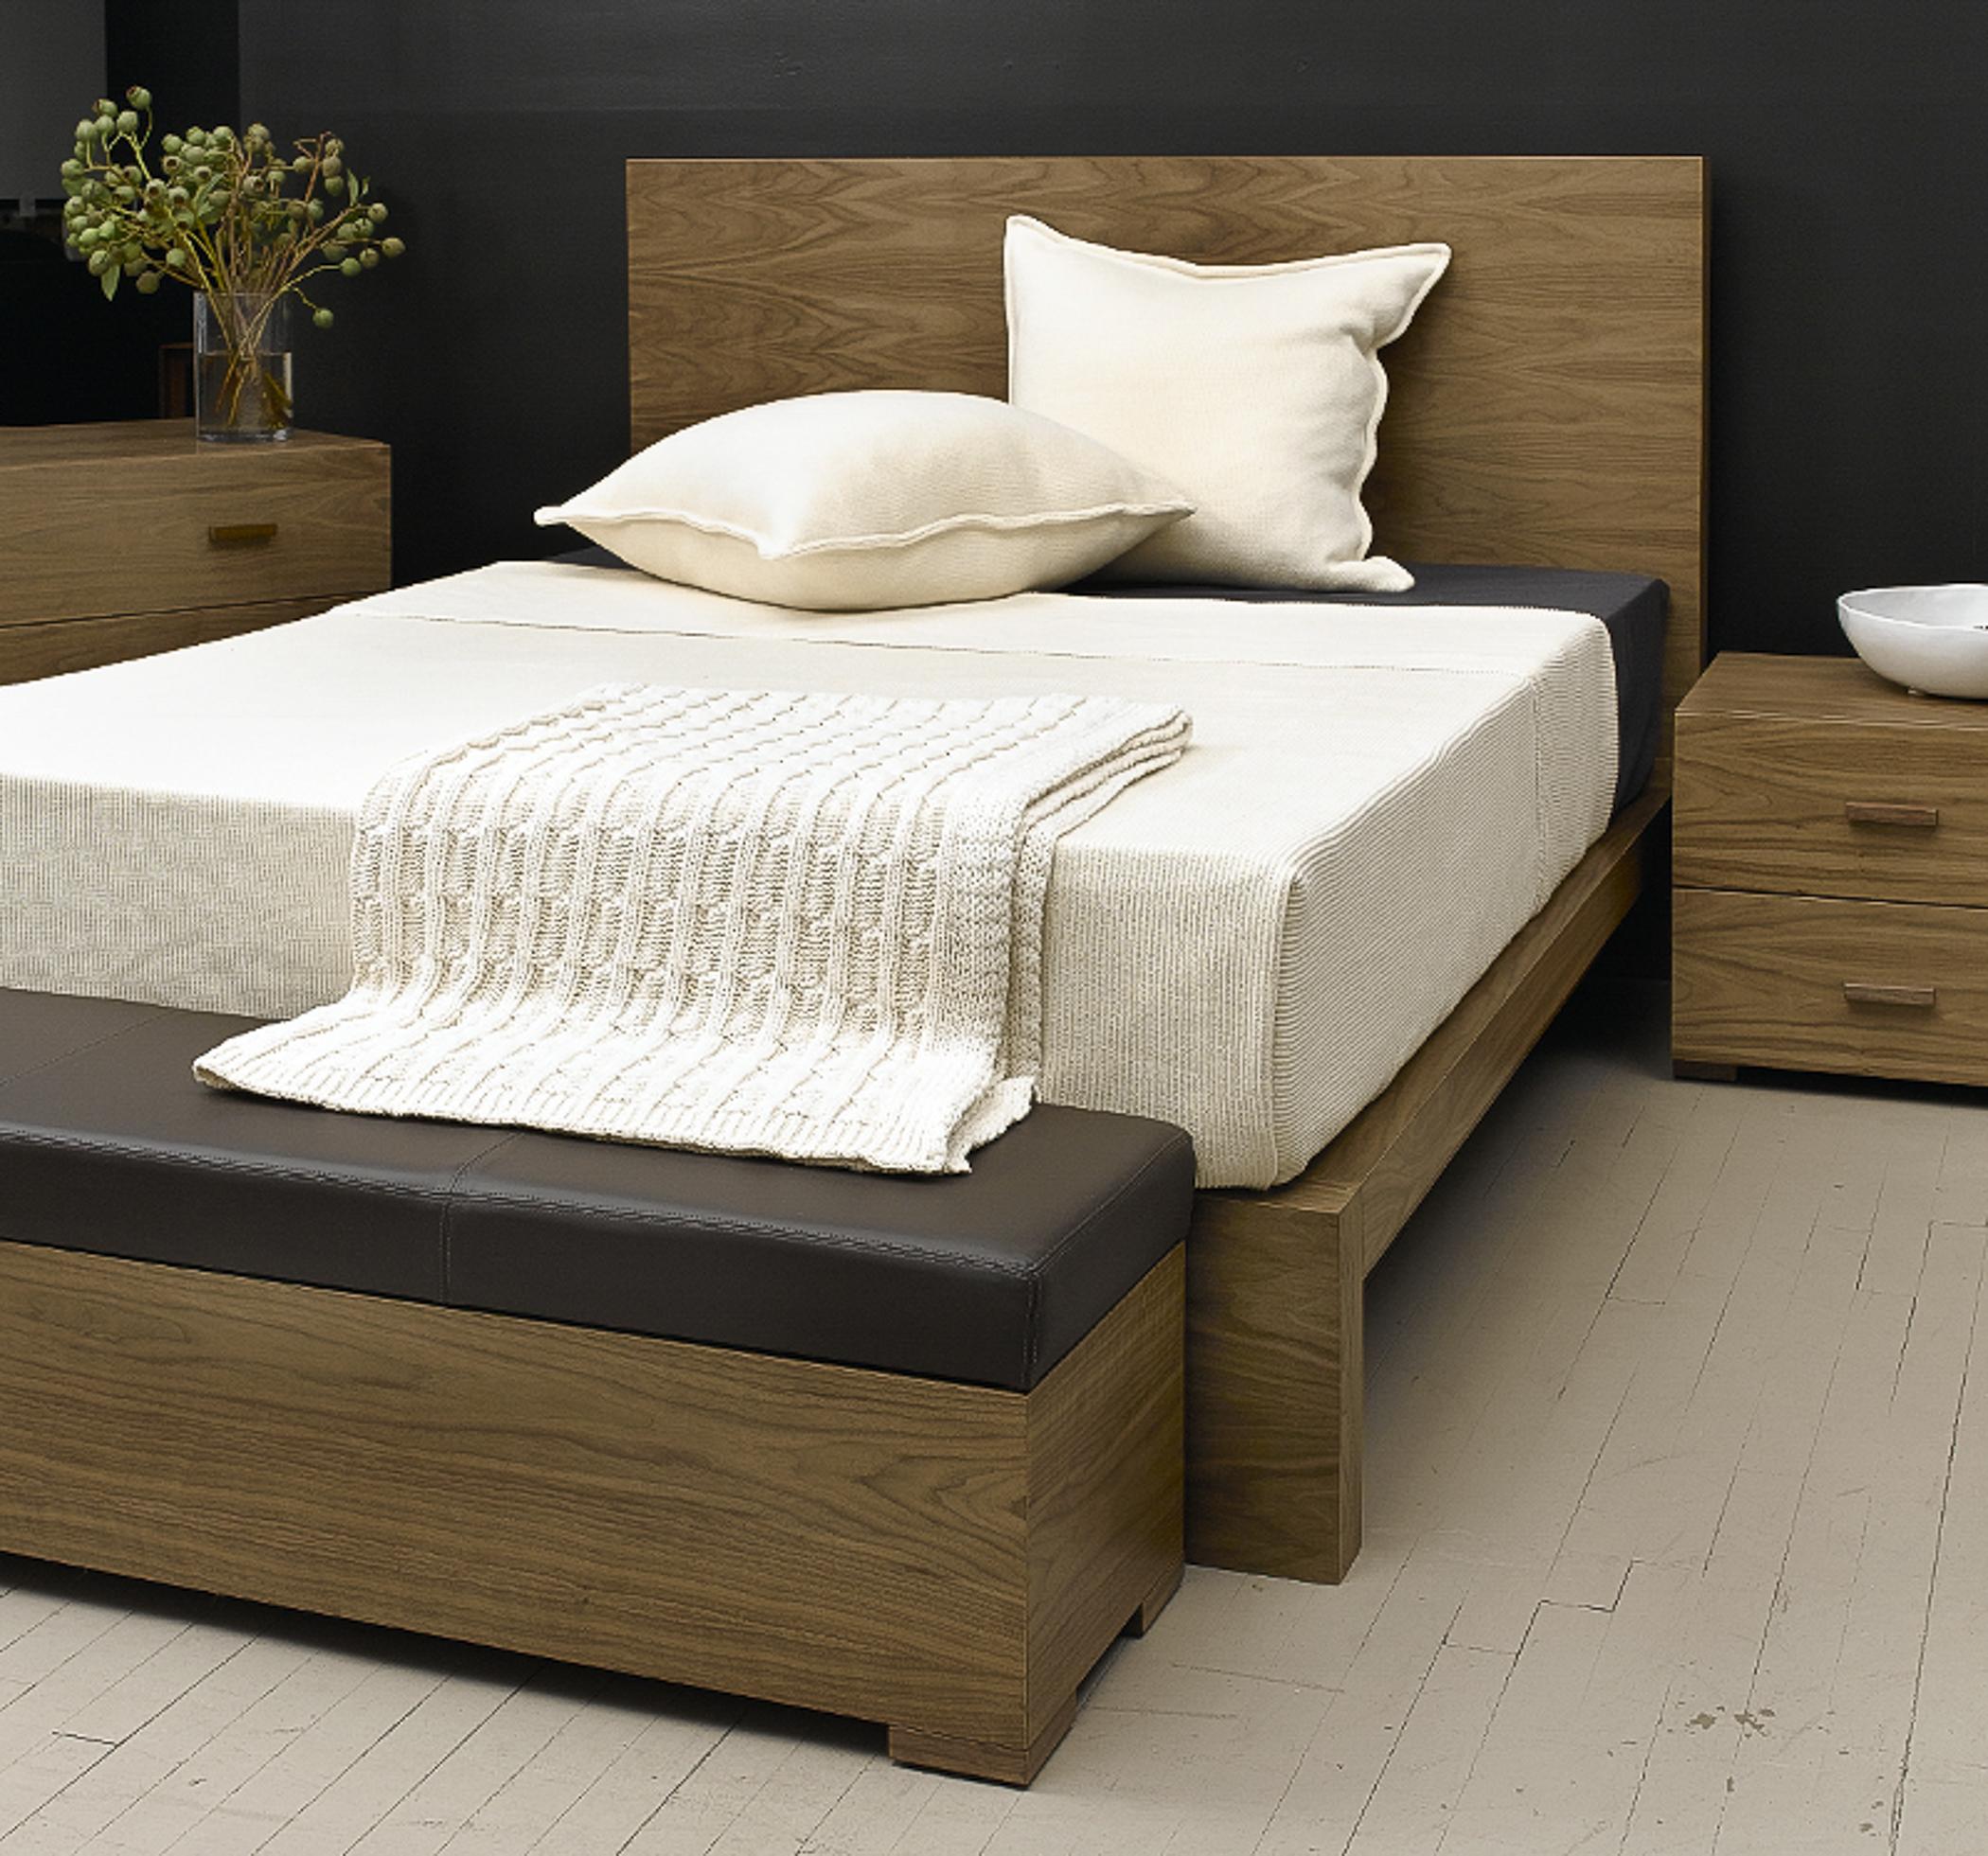 OSP_furniture_beds47022.JPG